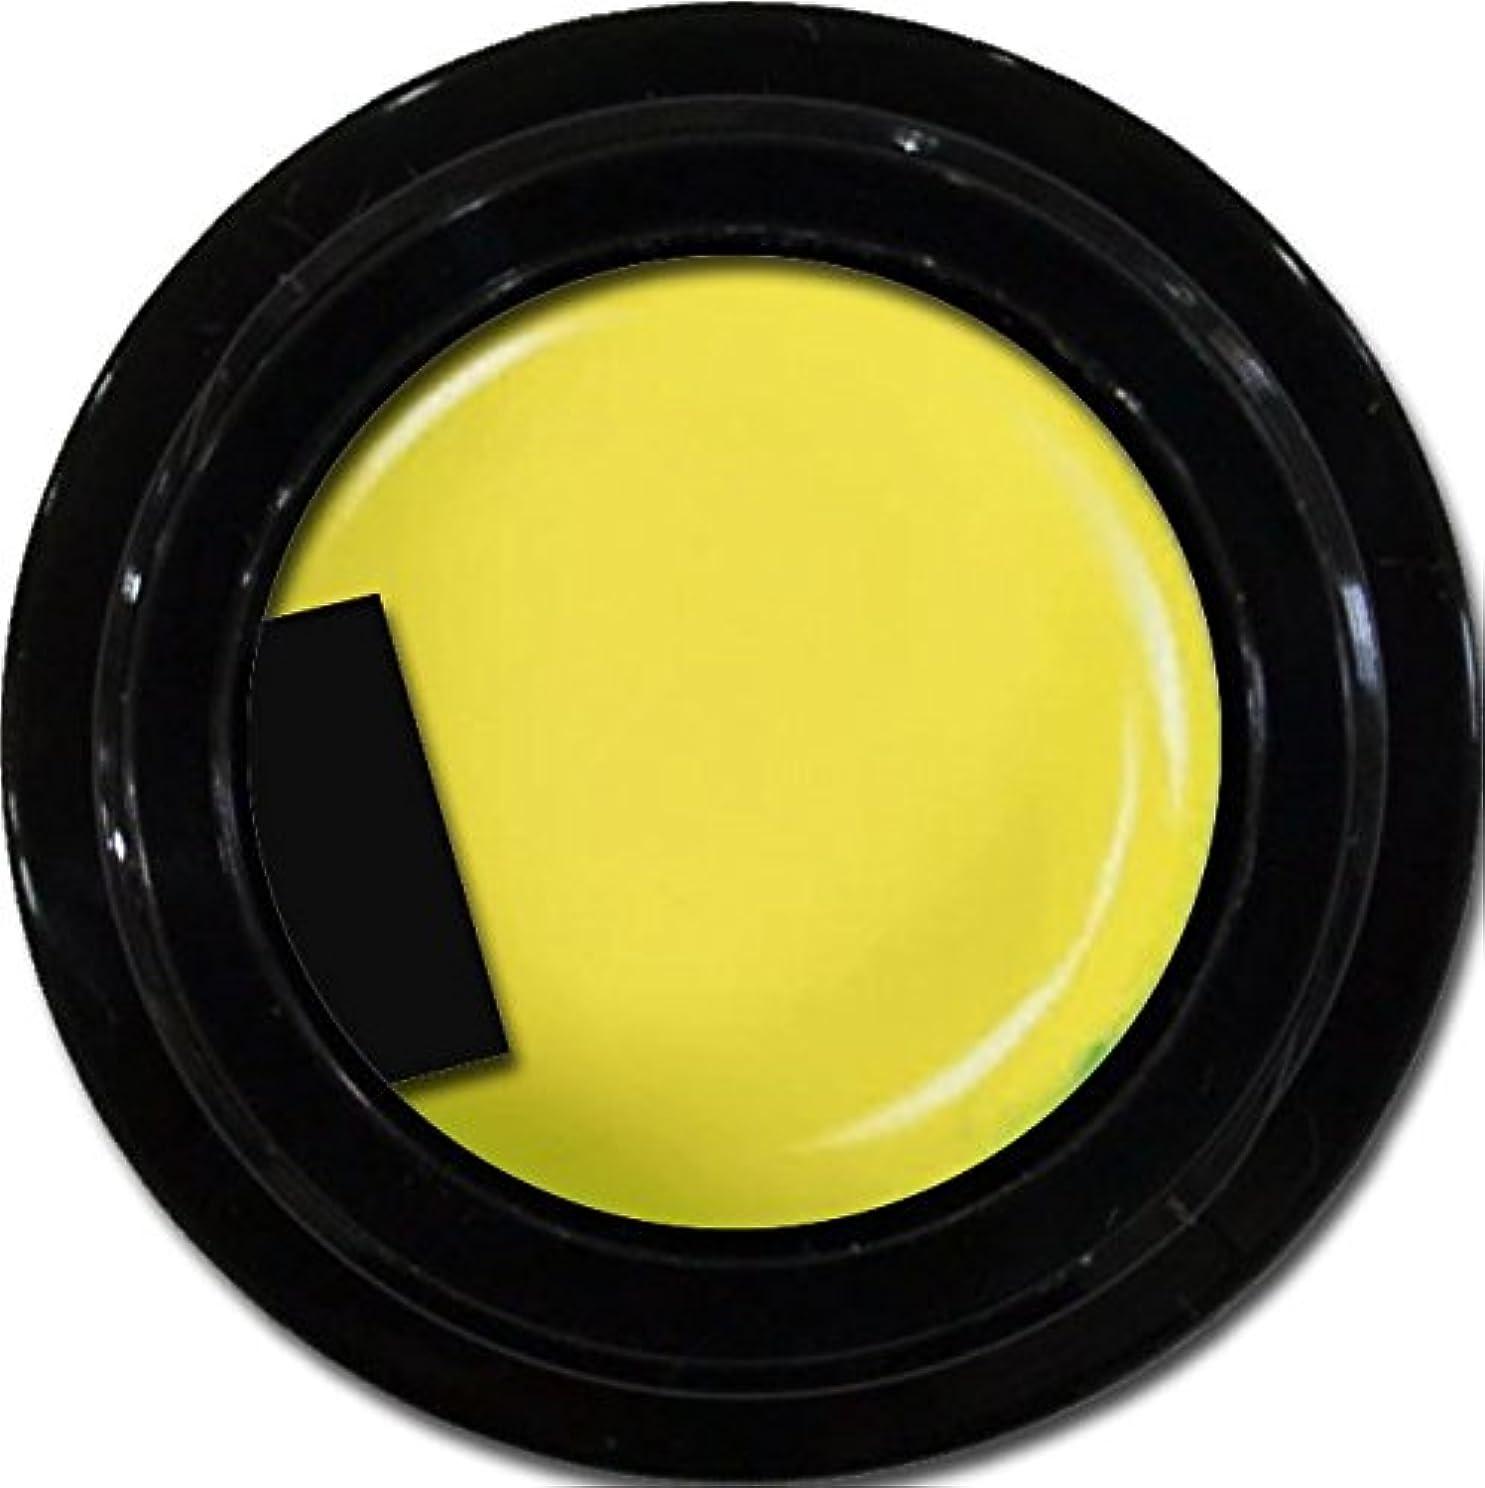 シネウィ発動機雰囲気カラージェル enchant color gel M602 MoroccoYellow 3g/ マットカラージェル M602 モロッコイエロー 3グラム